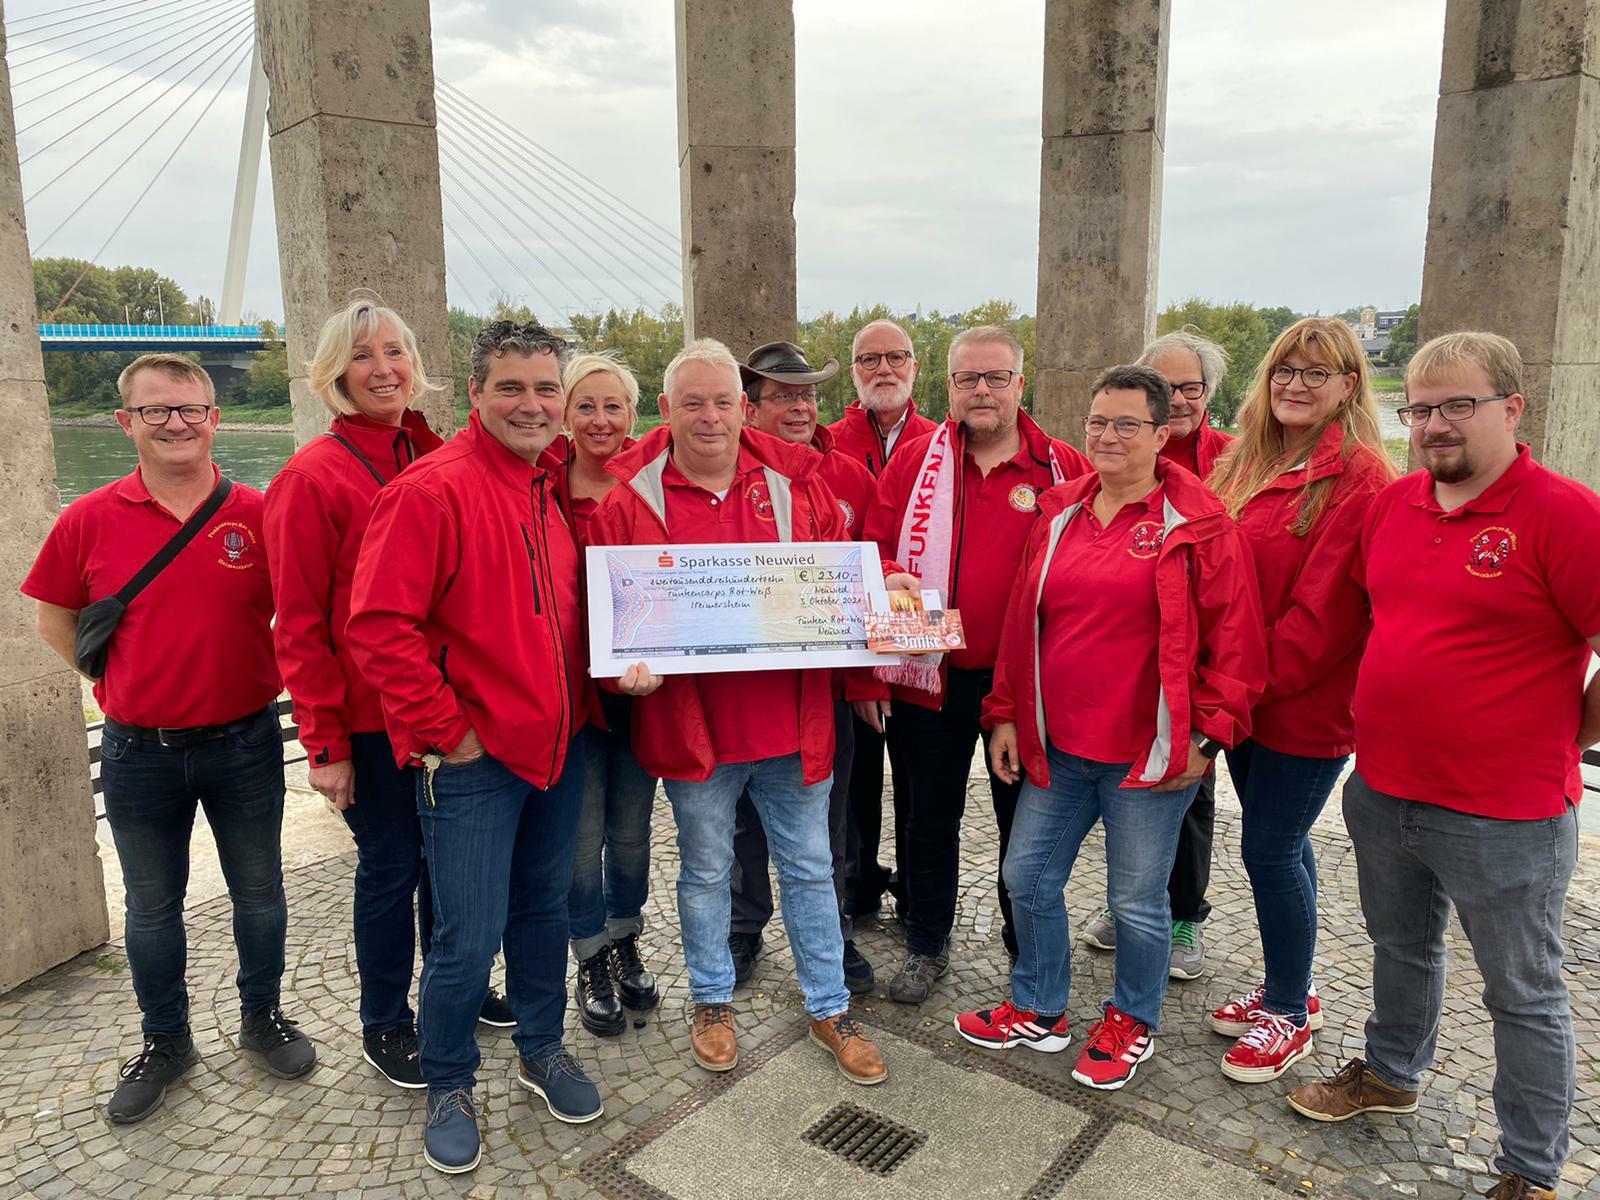 Spendenübergabe an Fanfarencorps Heimersheim